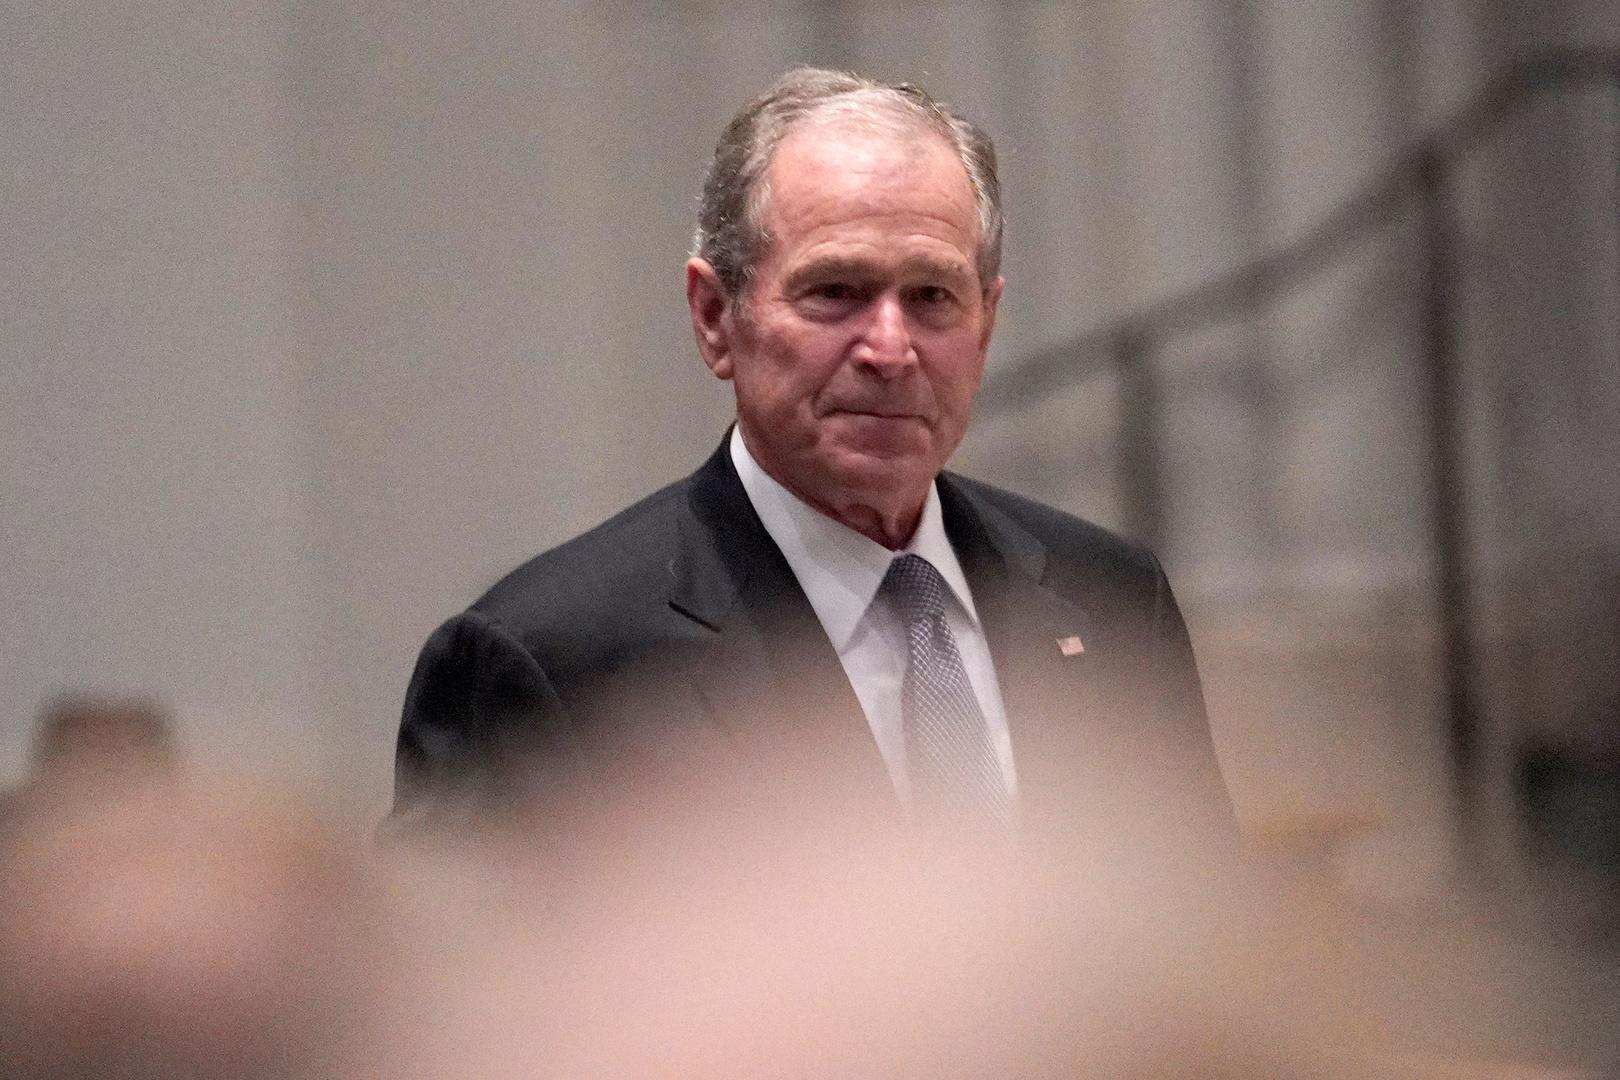 الرئيس الأمريكي الأسبق، جورج بوش الابن.